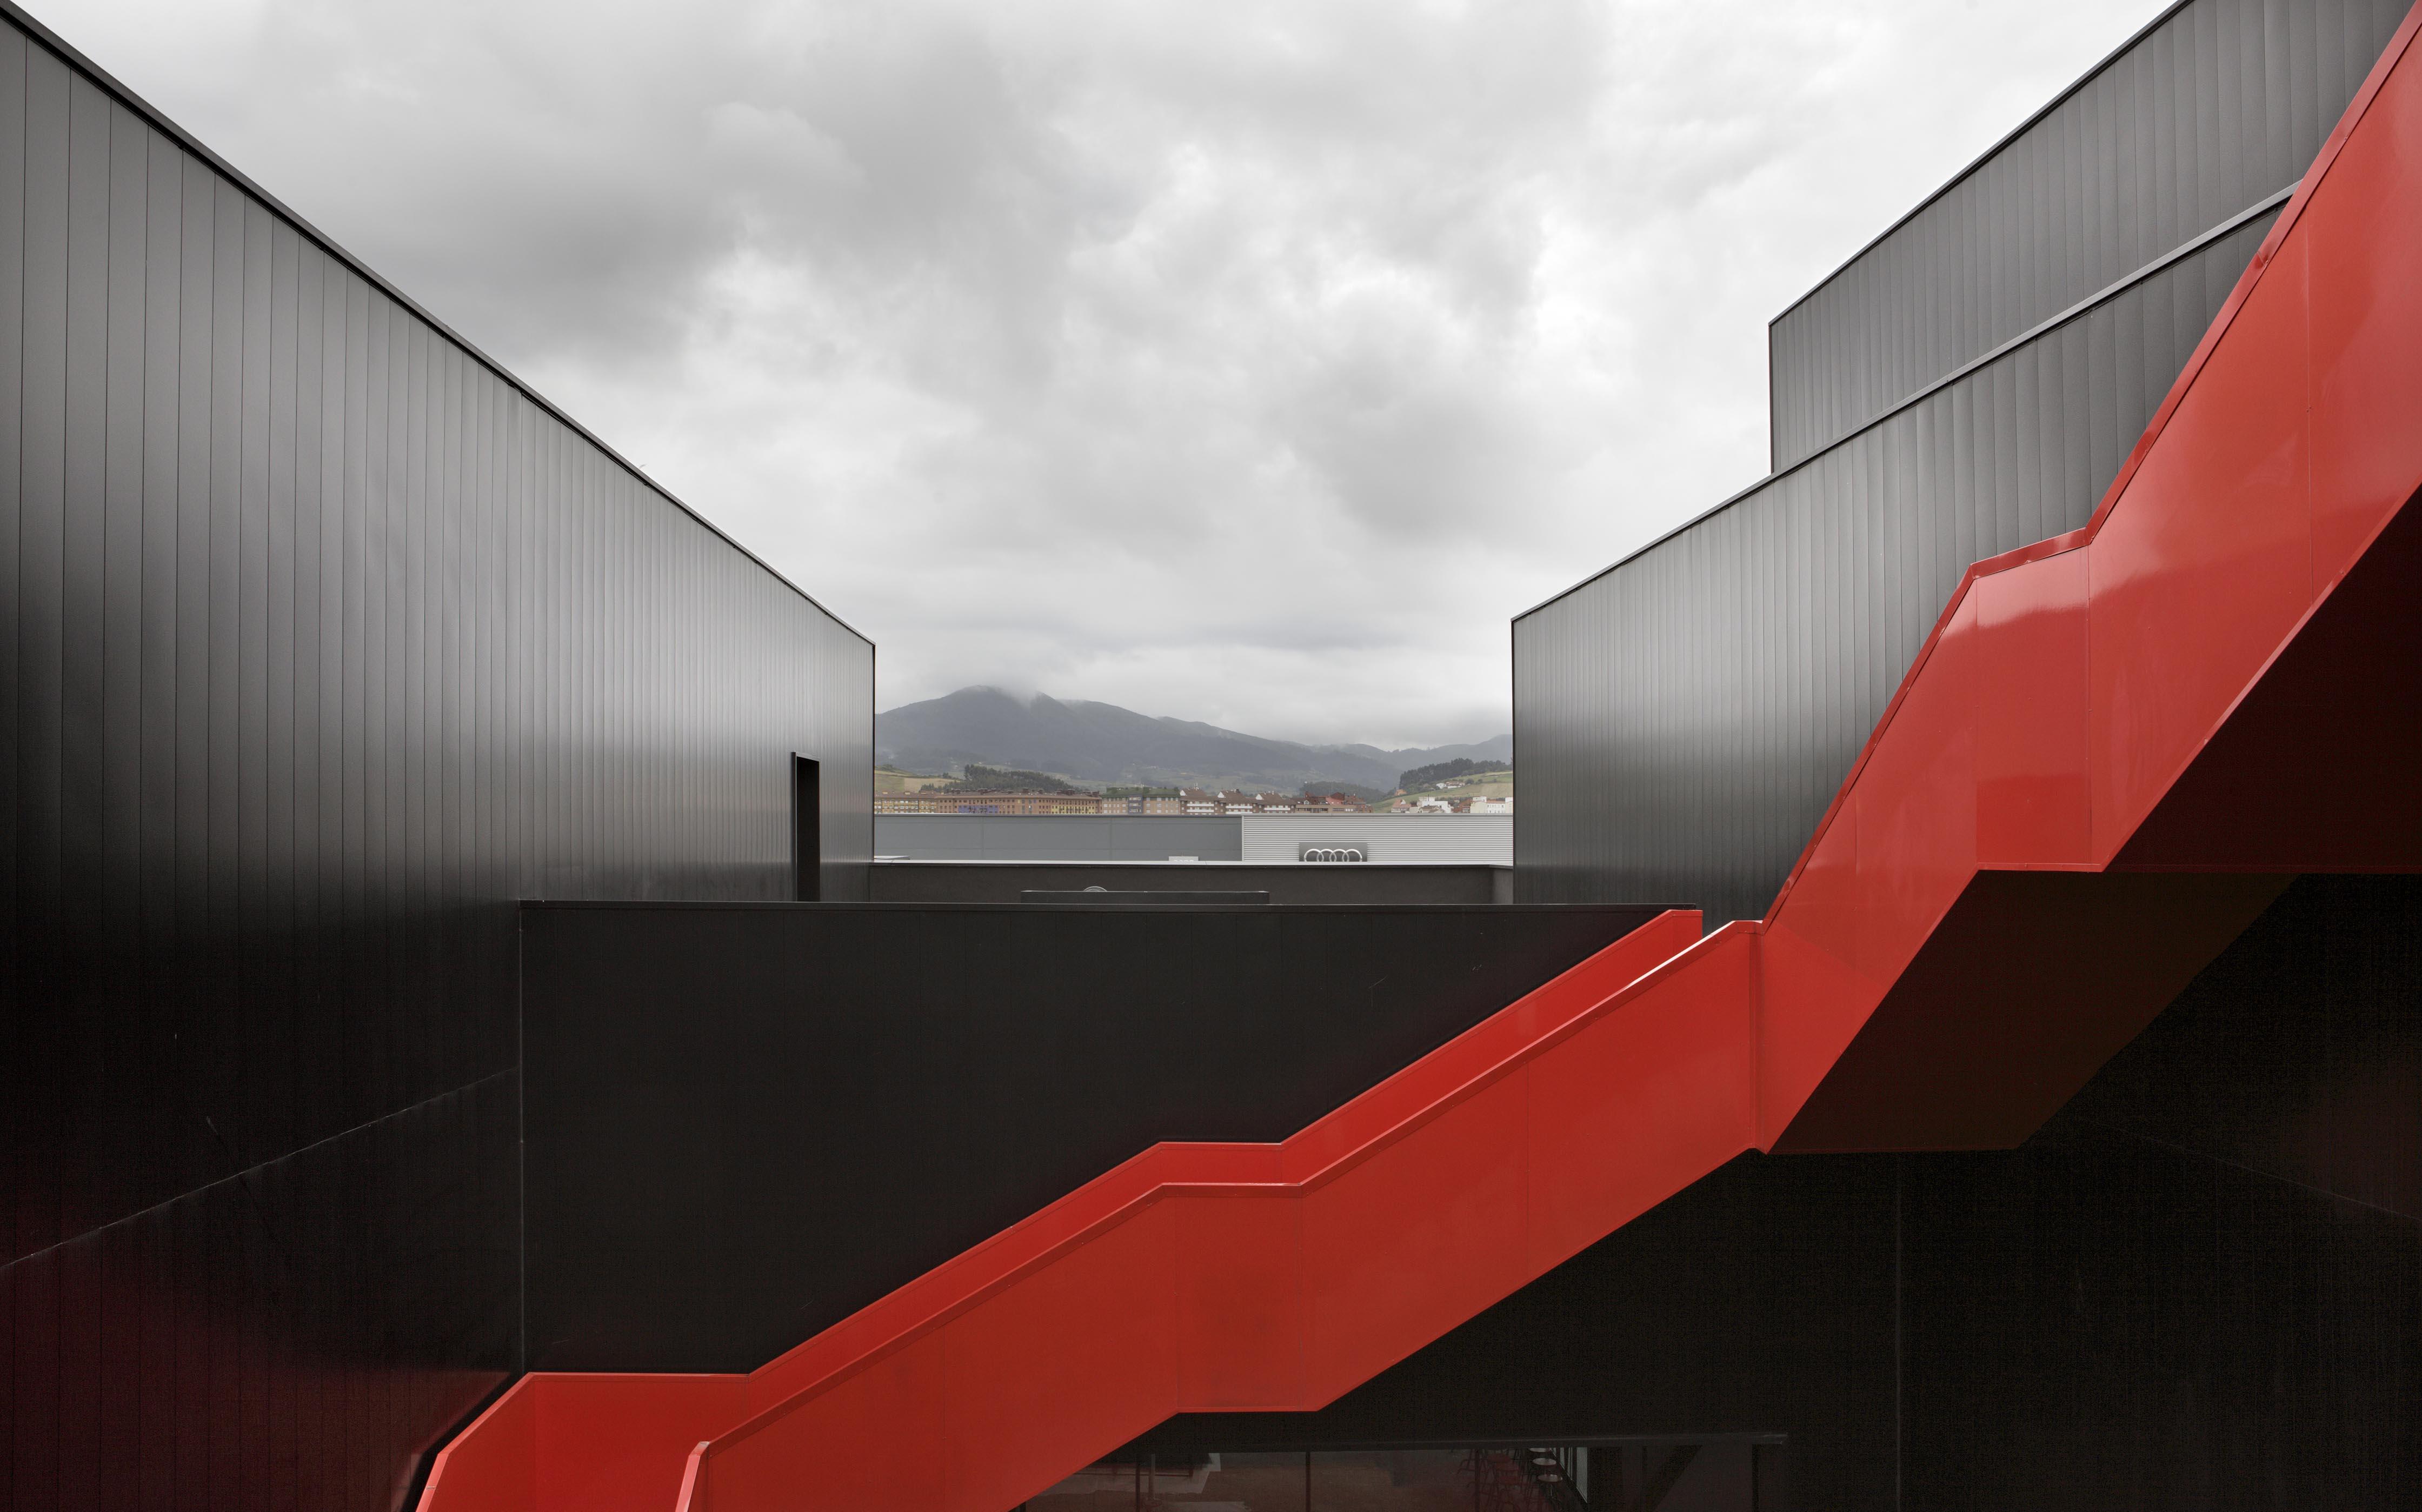 Centro de Investigación y Desarrollo Global de ArcelorMittal R&D Asturias [Slab]